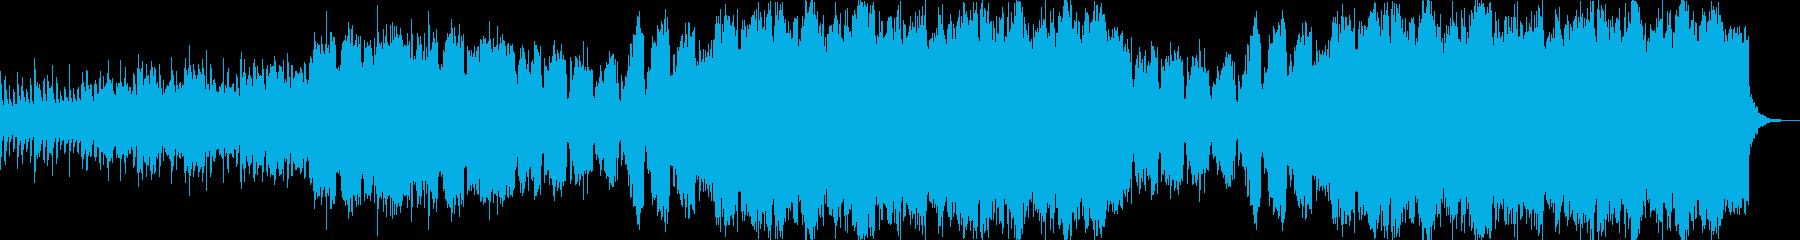 哀愁感のあるヒーリング音楽の再生済みの波形